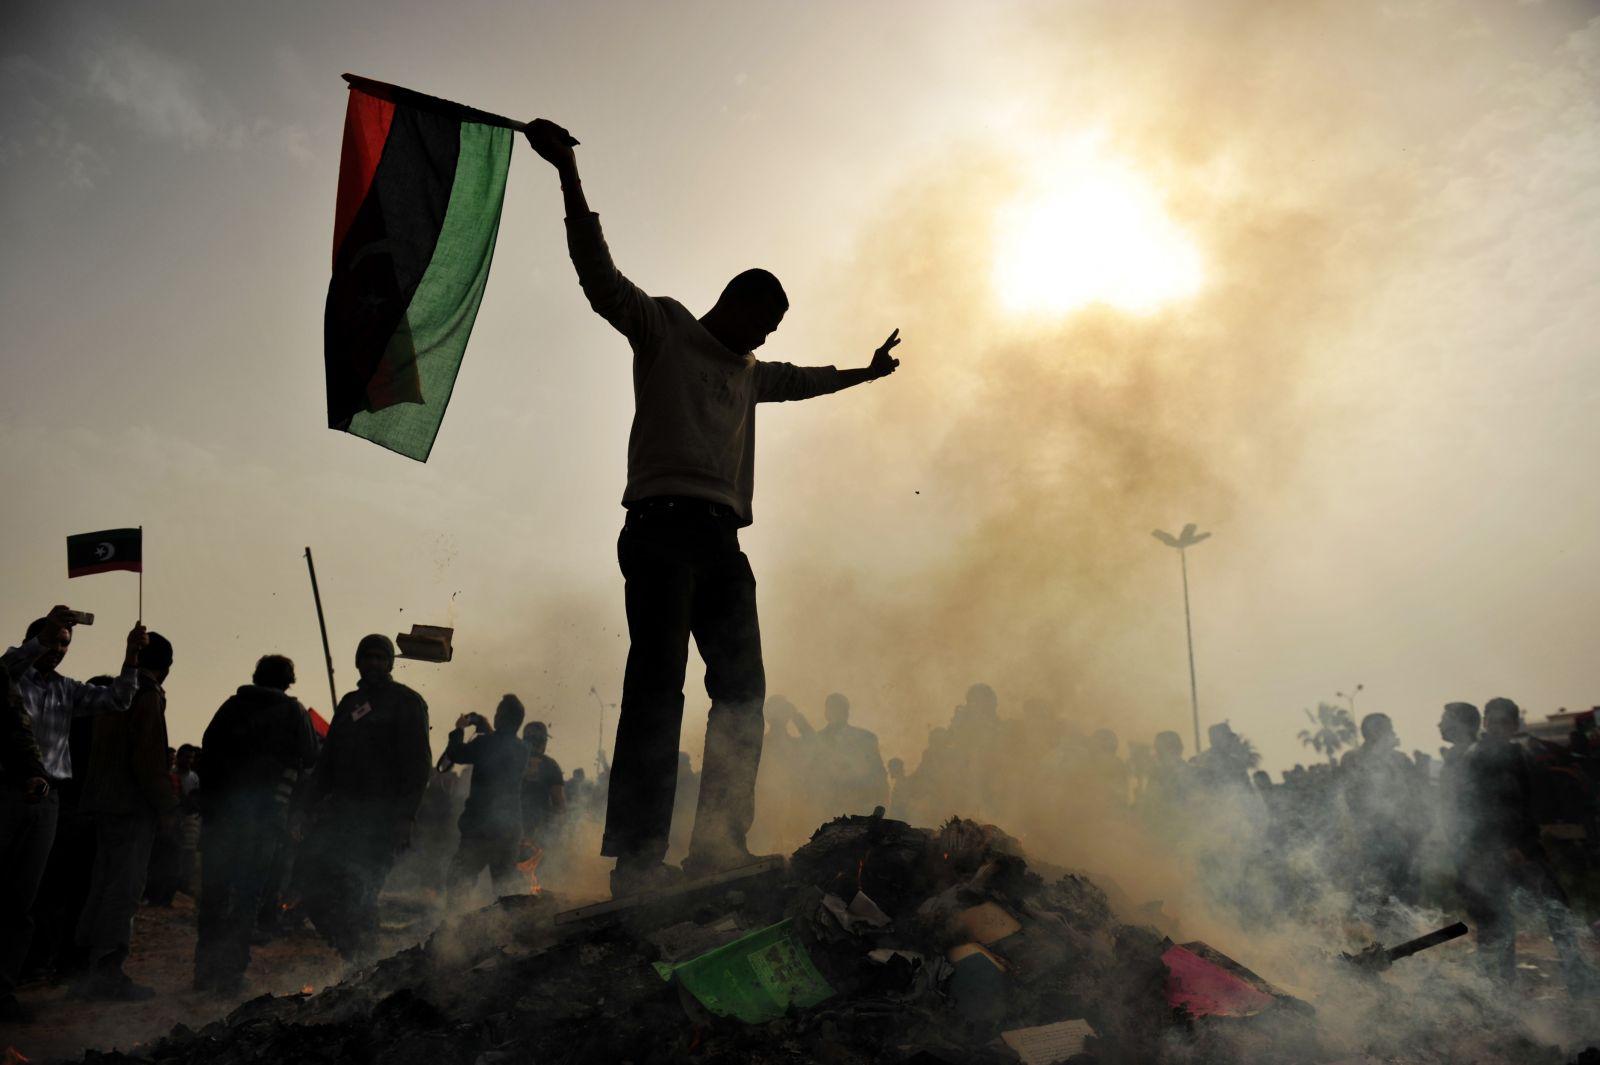 تدخل ايطاليا في ليبيا يحتاج لموافقة البرلمان